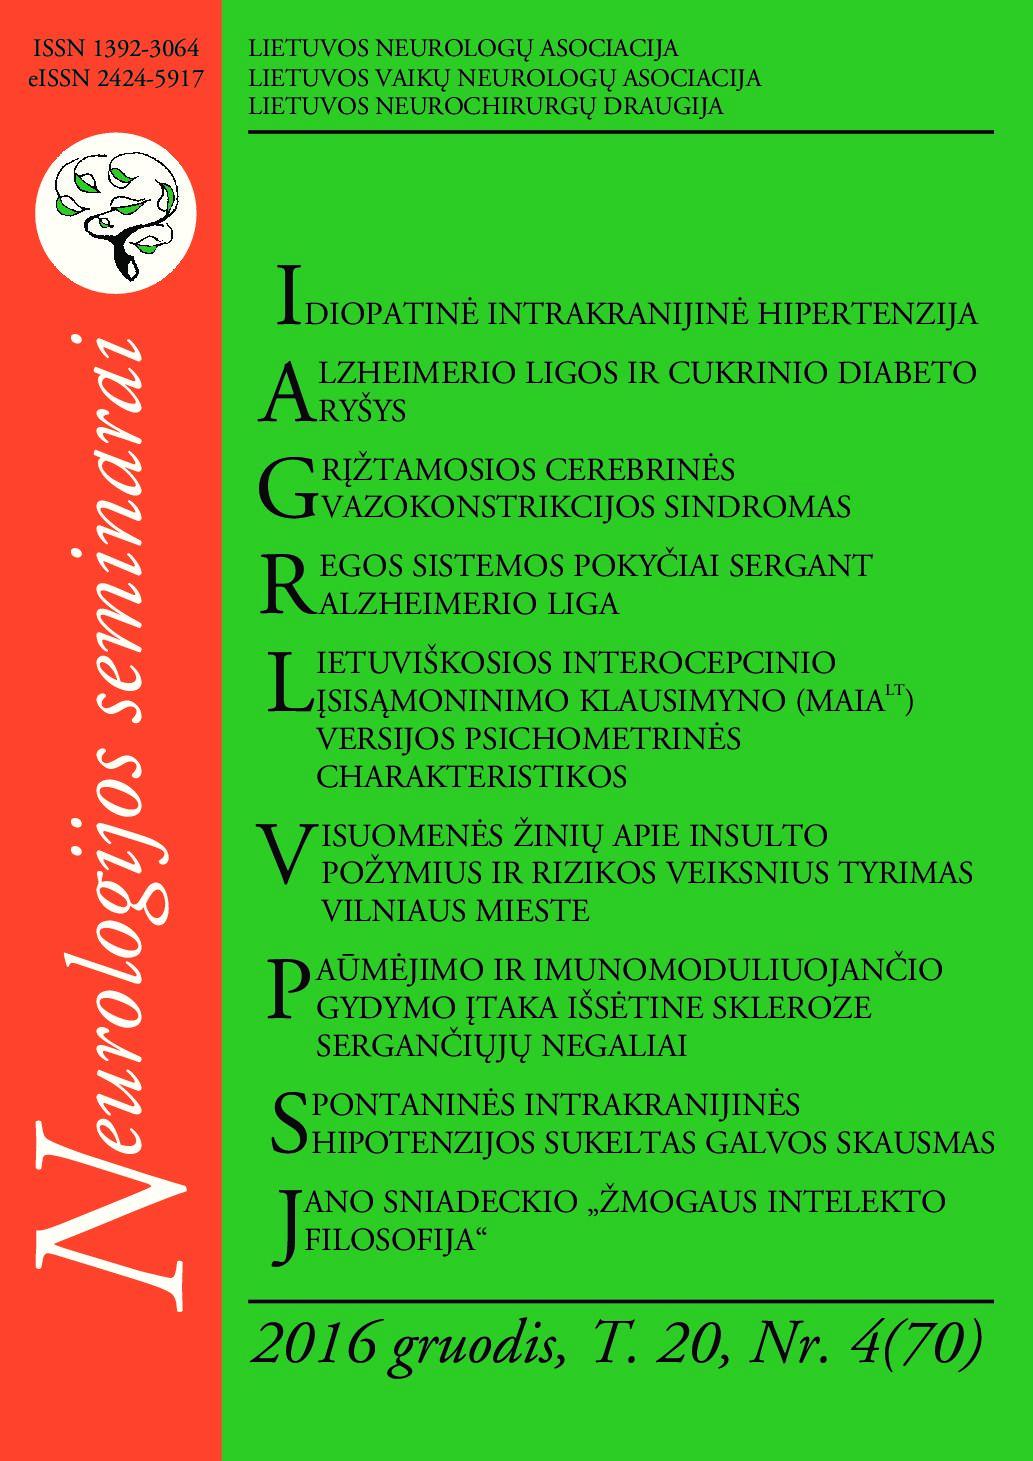 Intrakranijinė hipertenzija - Klinikos -